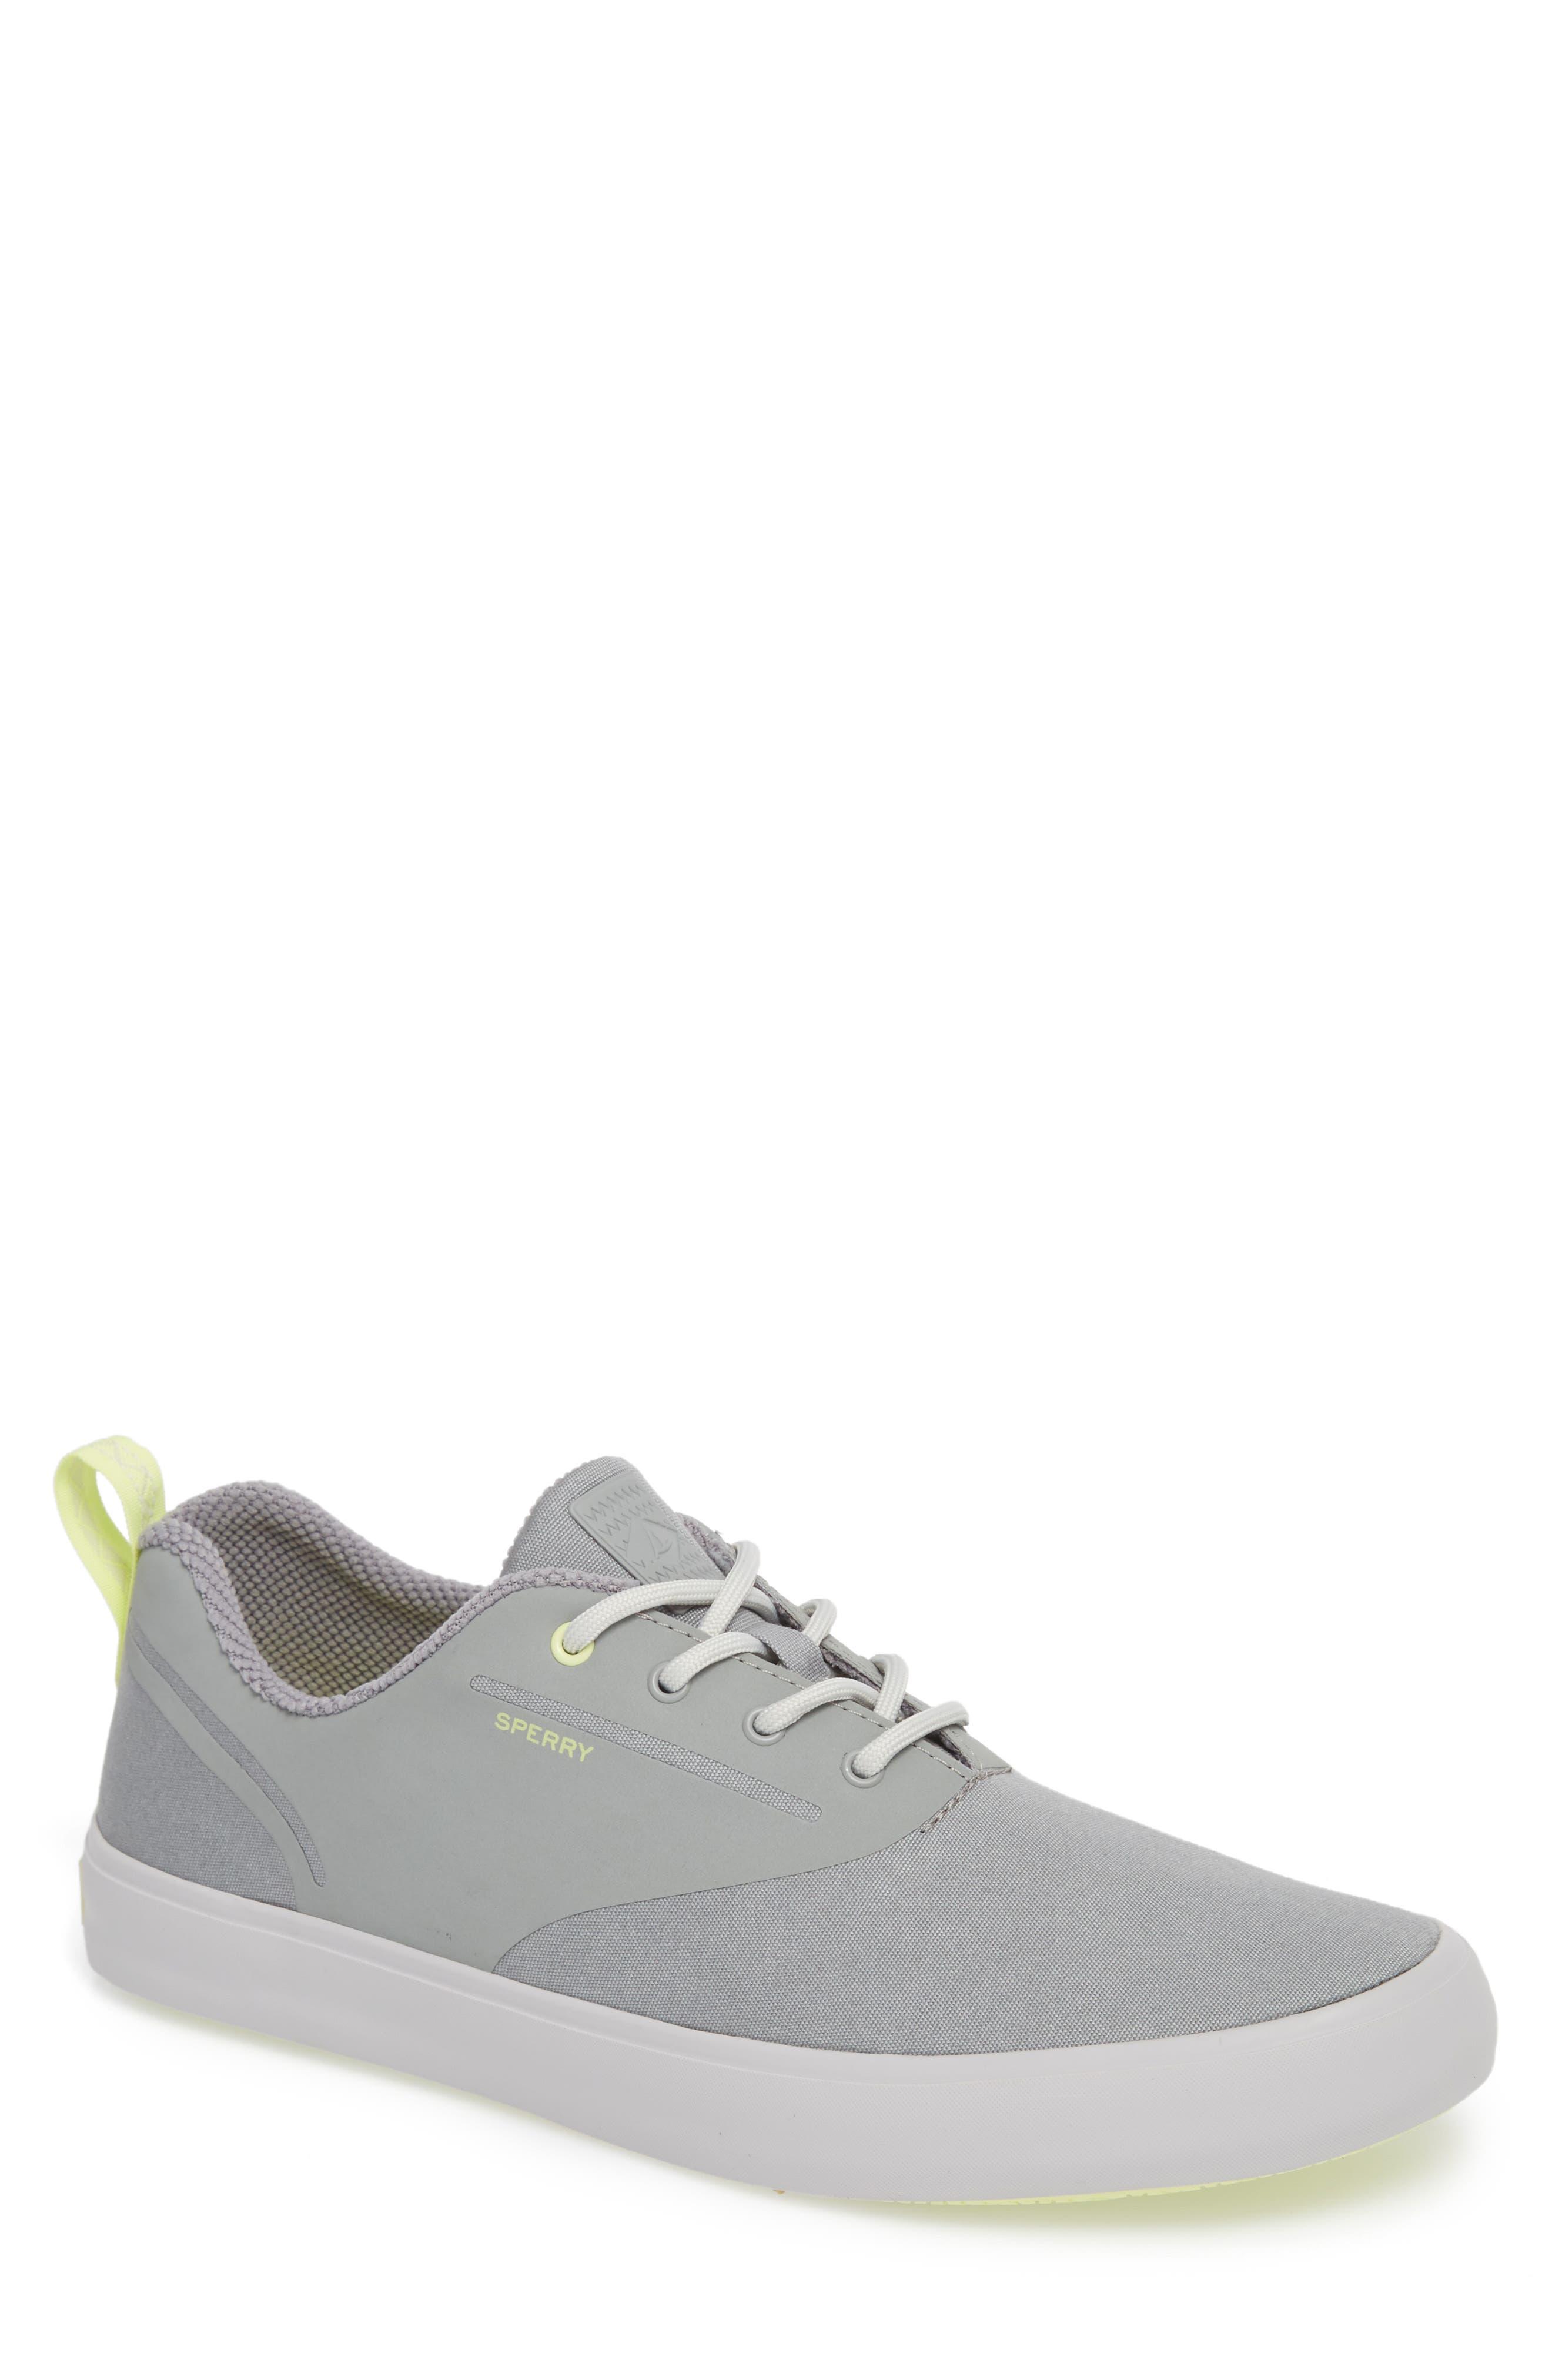 Flex Deck CVO Sneaker,                         Main,                         color, GREY